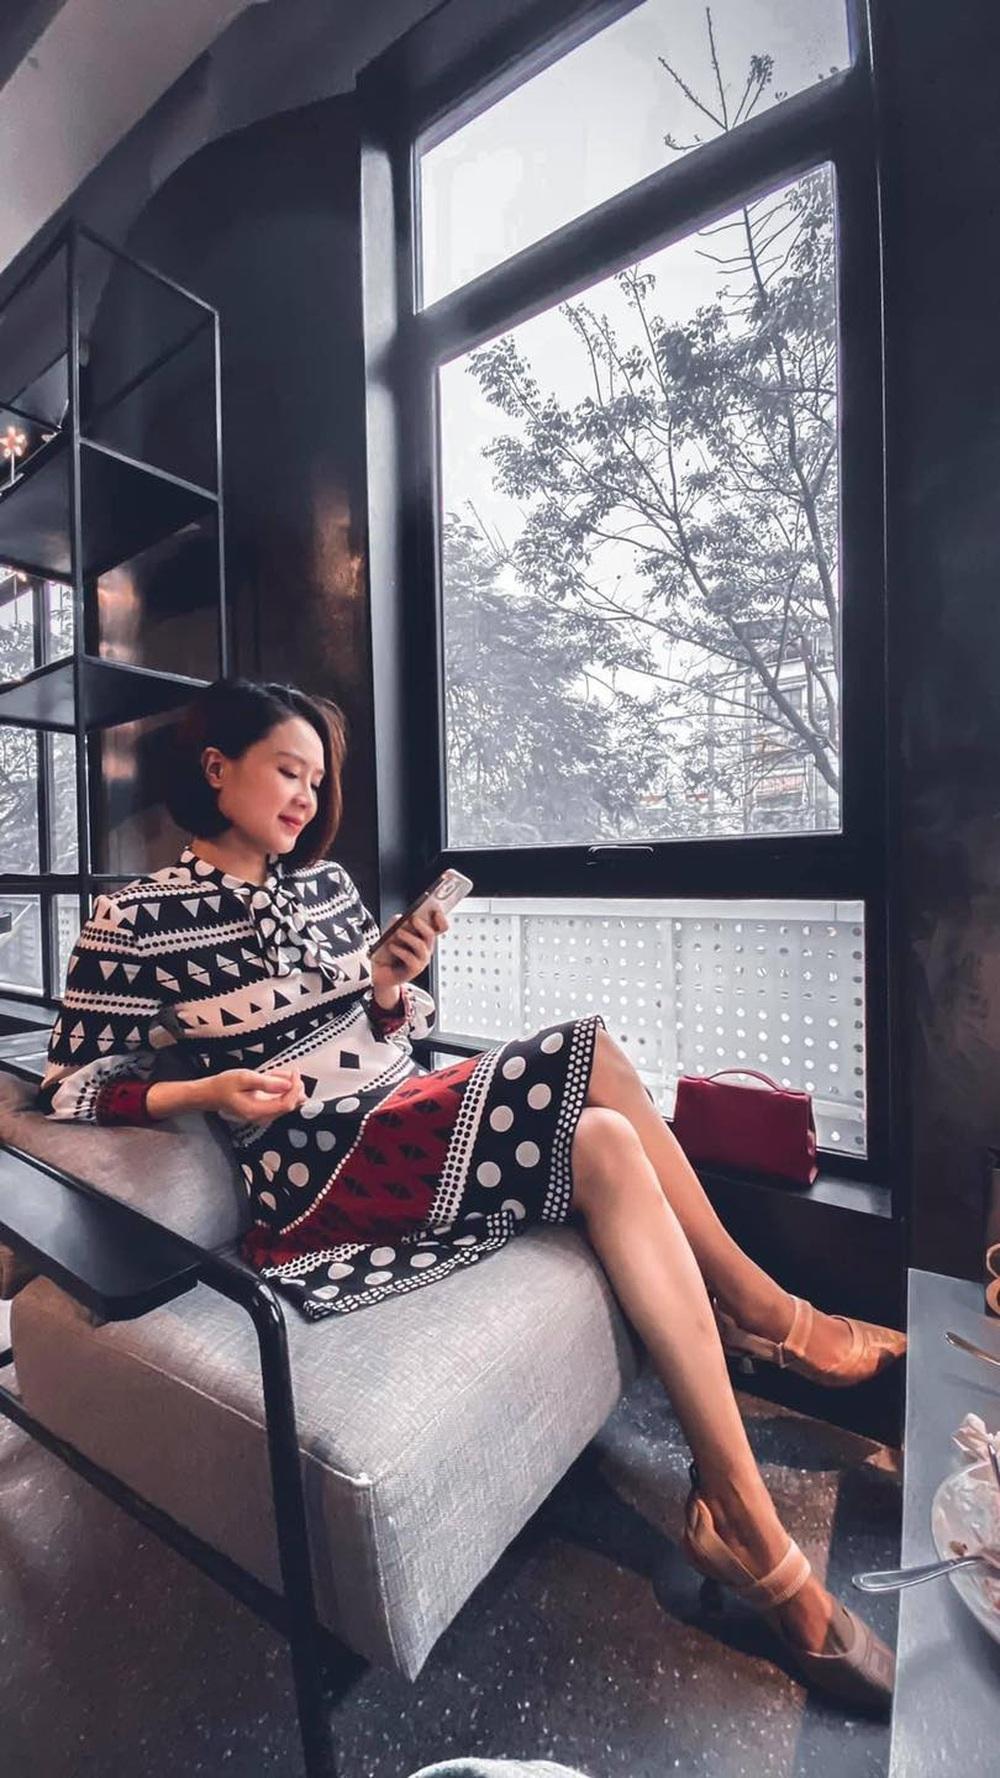 Hướng dương ngược nắng: Ngắm loạt set đồ mới đủ phong cách của Châu (Hồng Diễm) trong phần 2 - Ảnh 21.